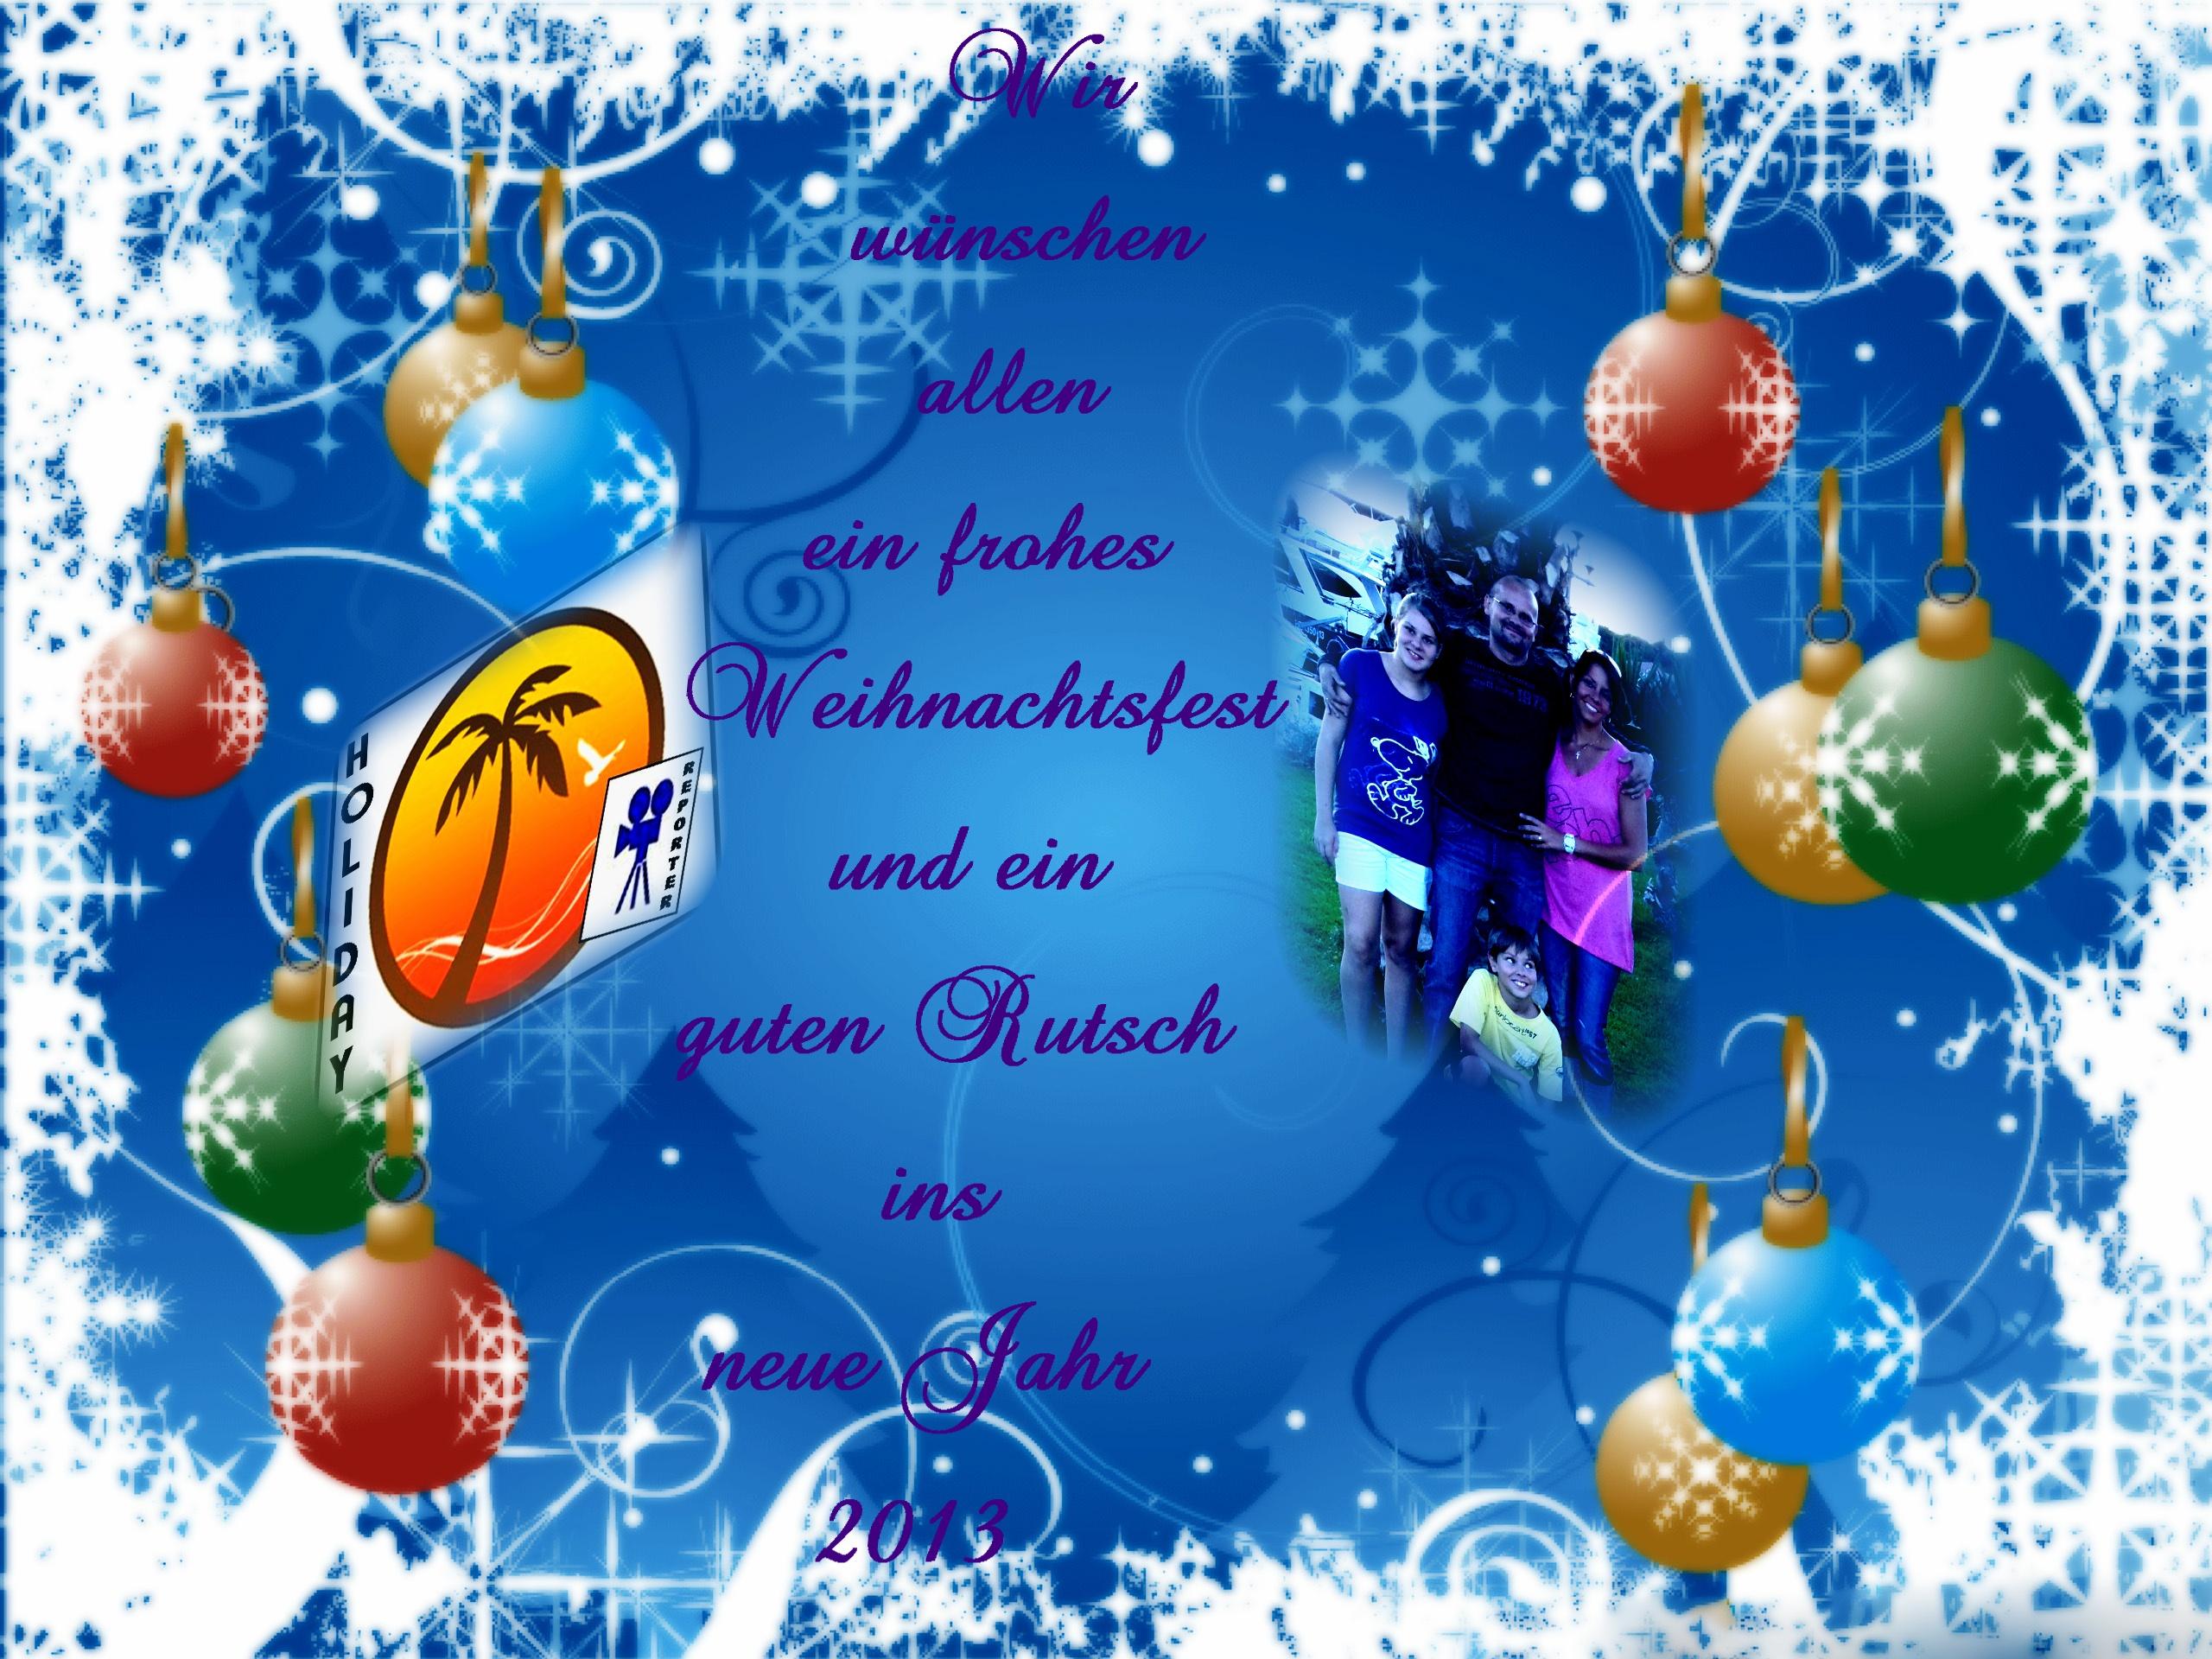 frohes weihnachtsfest und nochmal vielen dank an alle